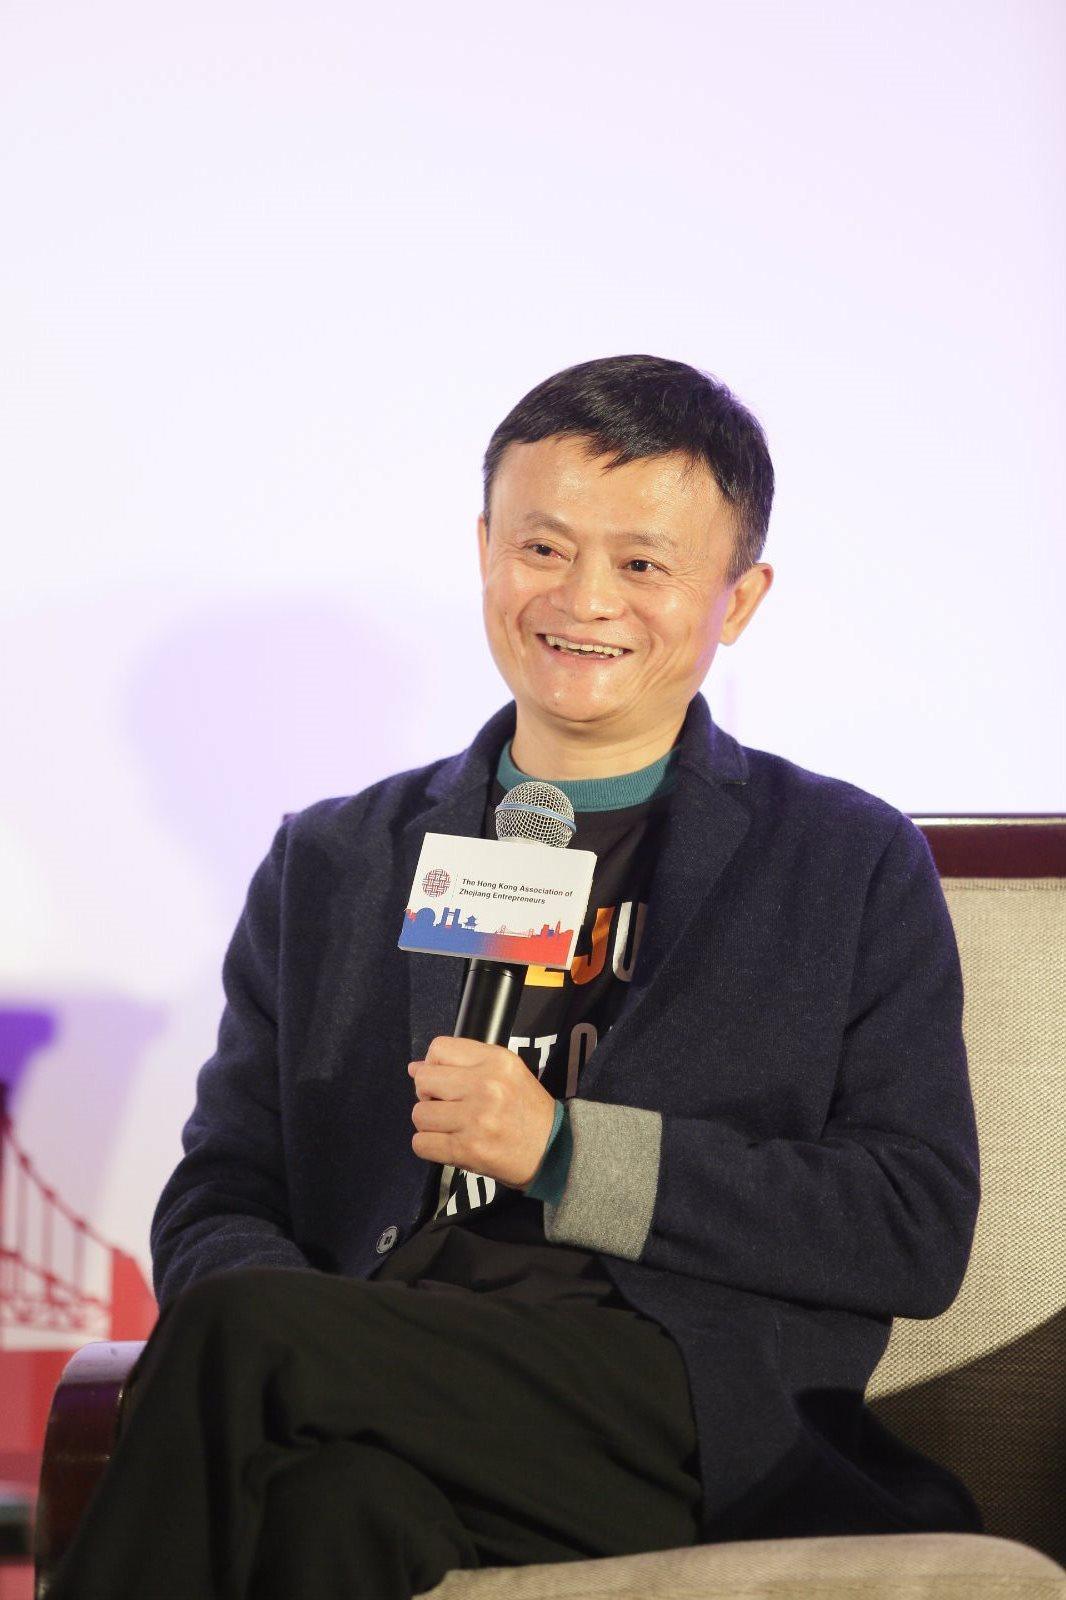 阿里巴巴董事局主席马云在活动现场,呼吁企业为年轻人创造更多机会_meitu_2